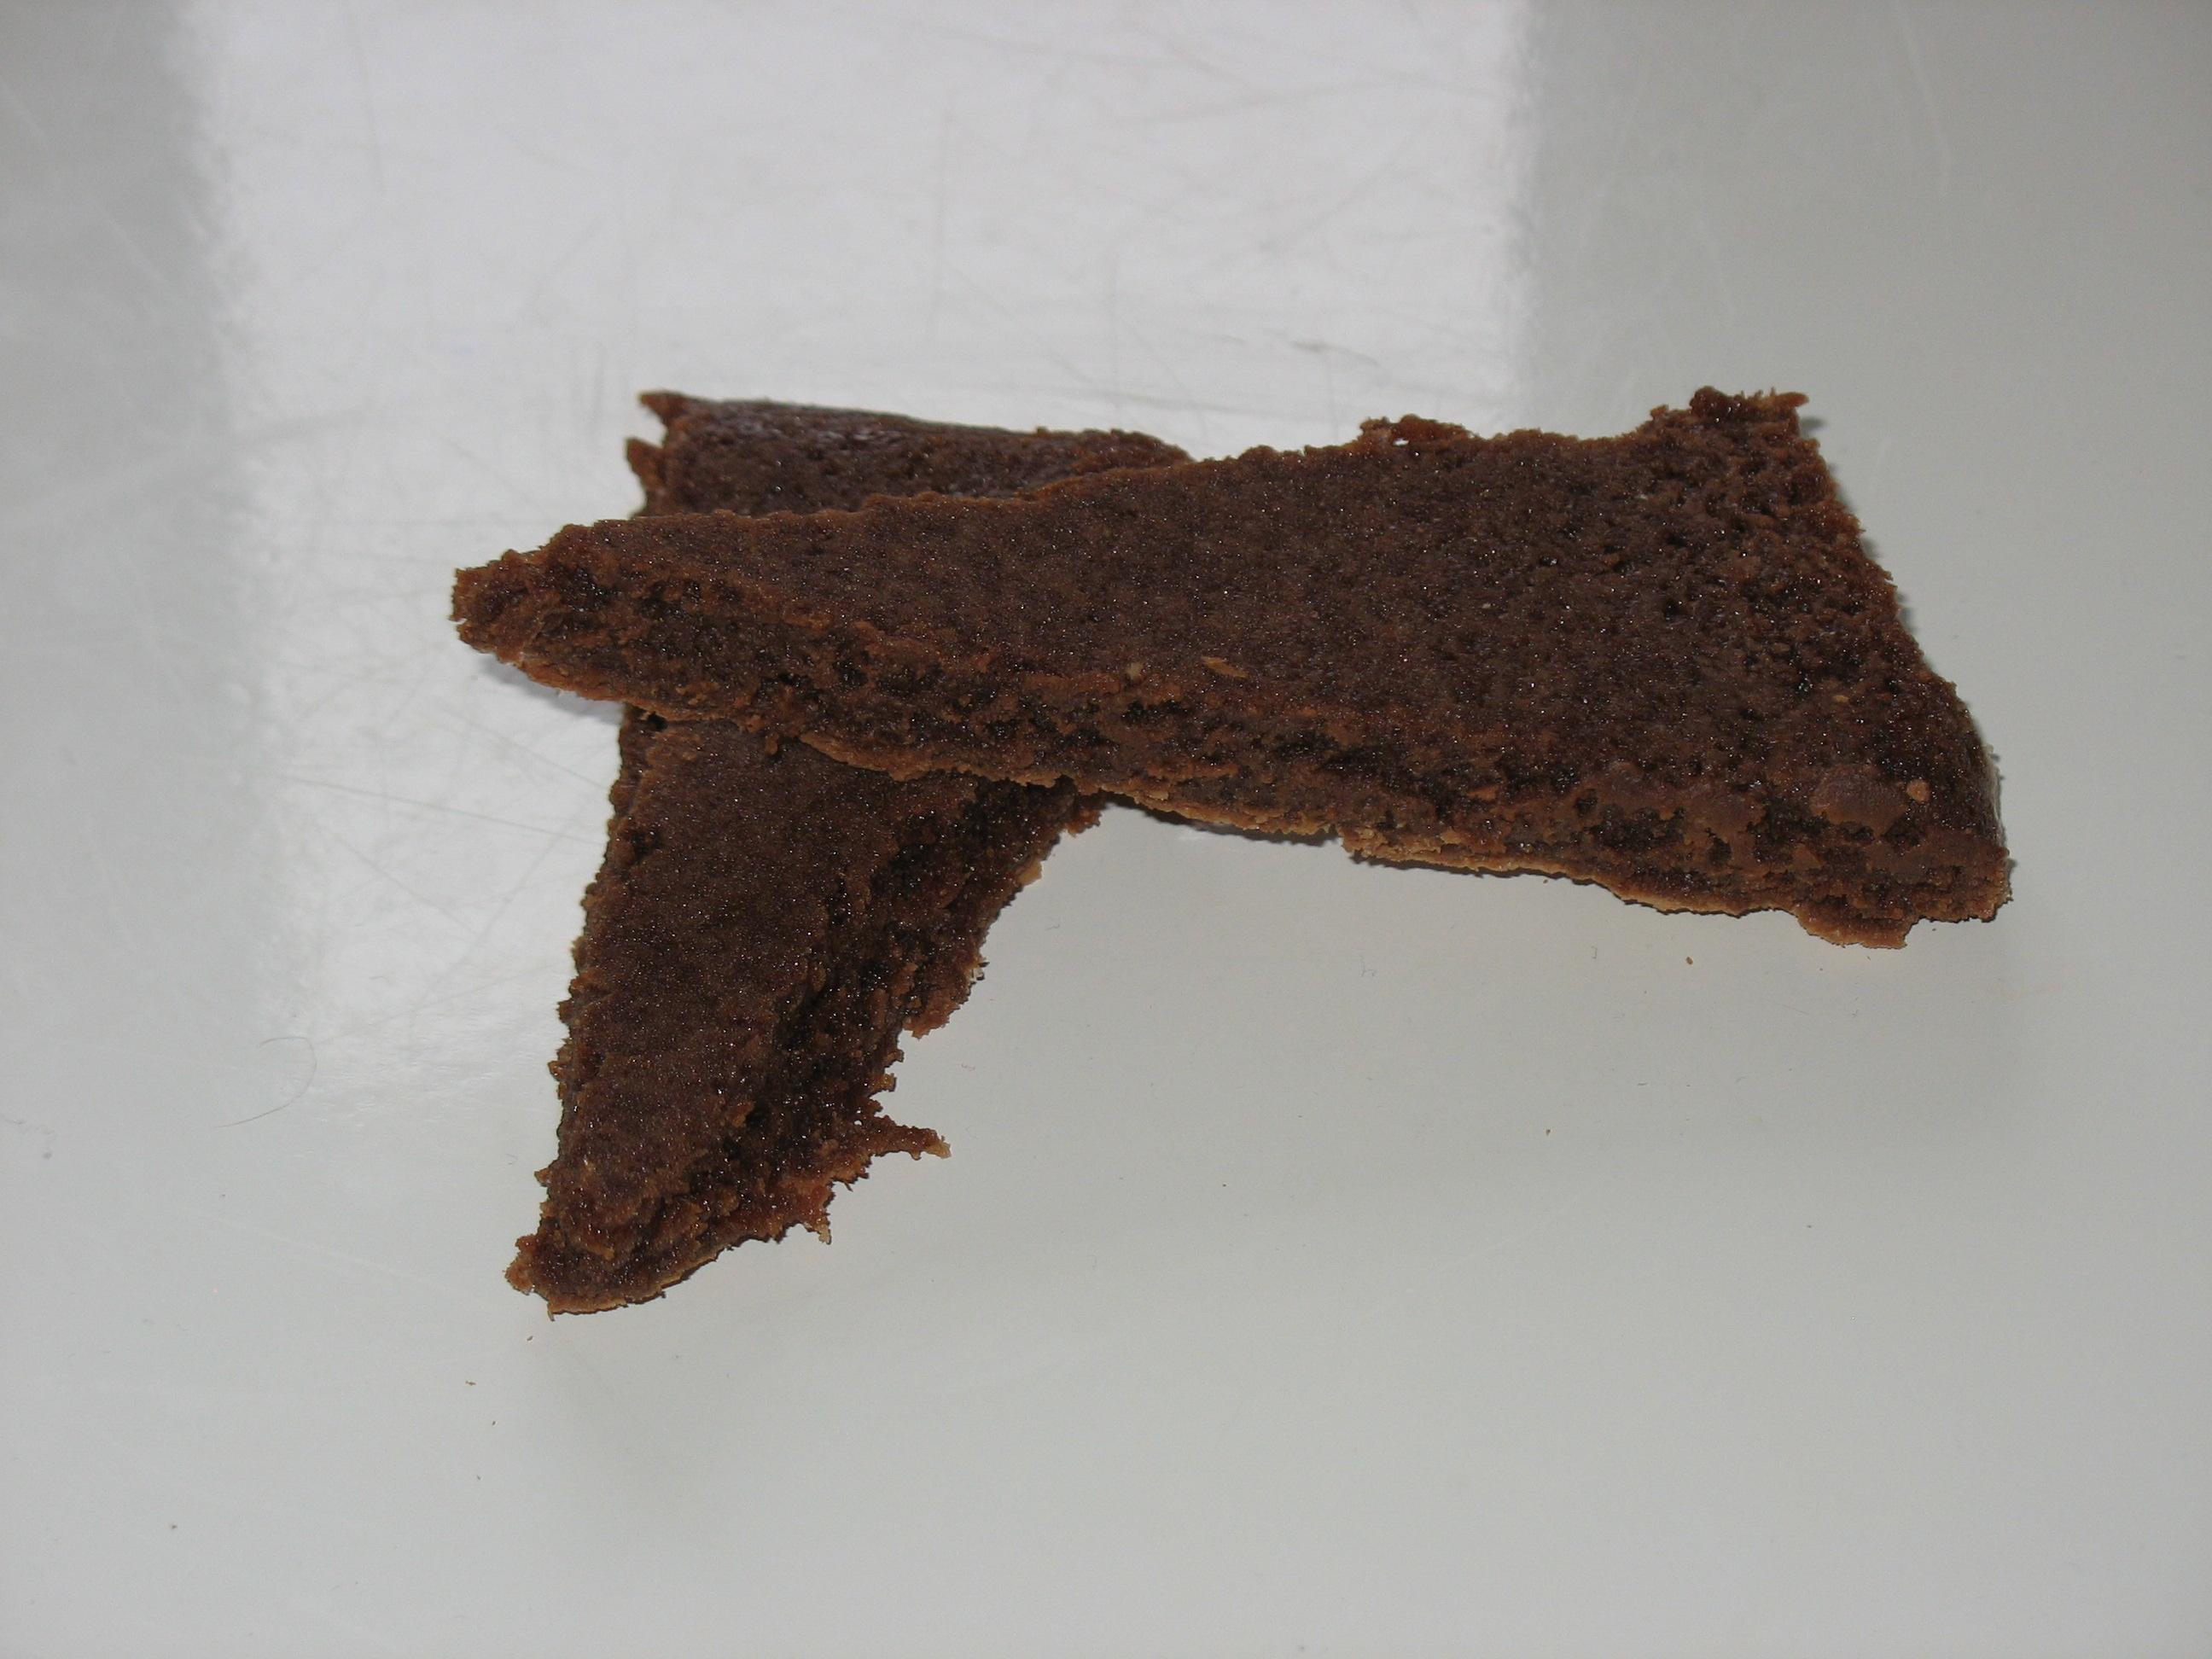 brownie au chocolat diet d lices recettes diet tiques. Black Bedroom Furniture Sets. Home Design Ideas